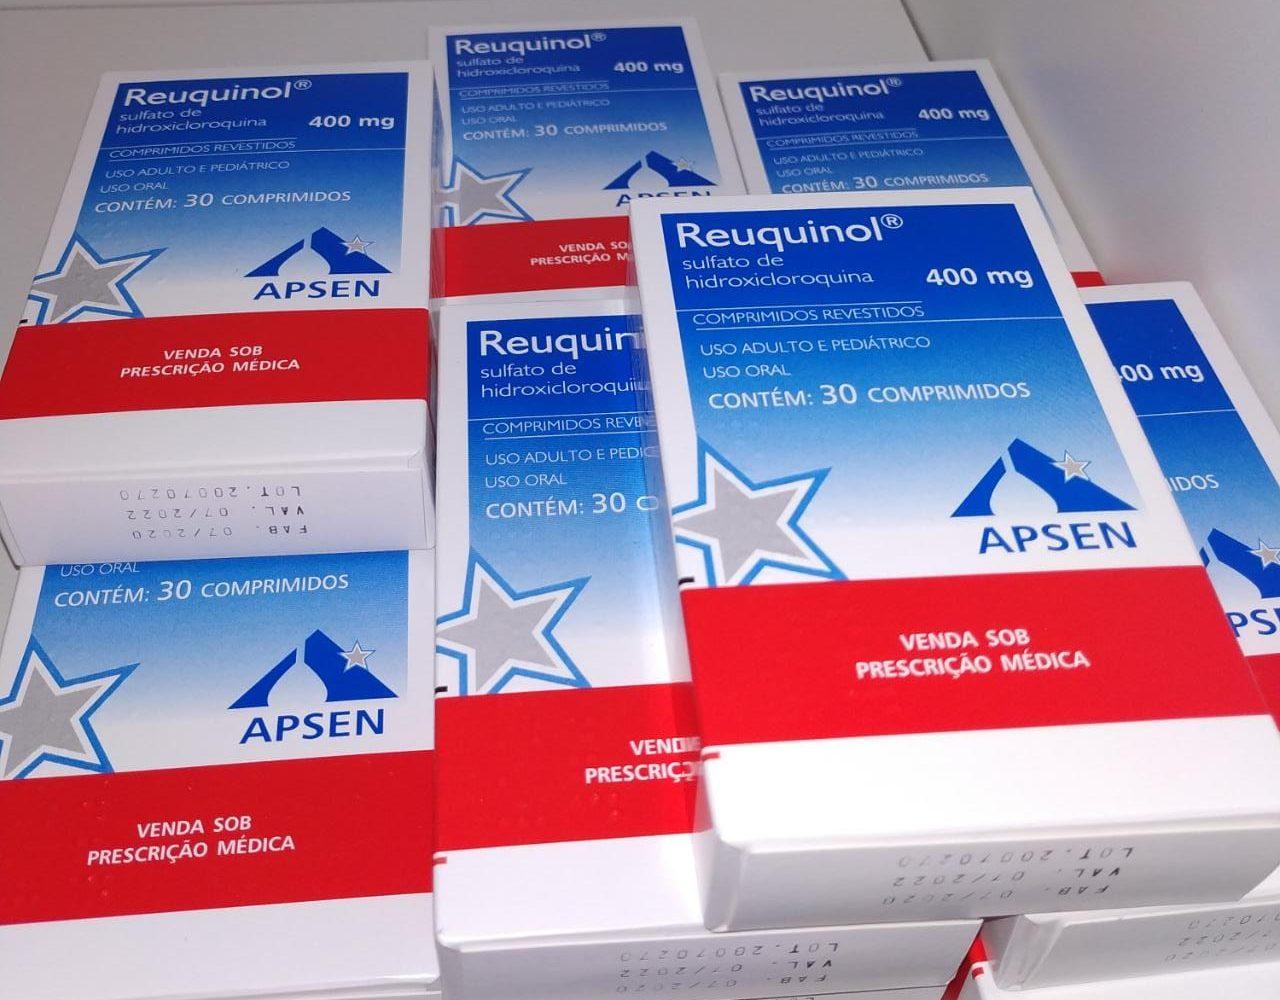 Prefeitura de Serafina Corrêa adquiriu medicamentos para o tratamento da COVID-19